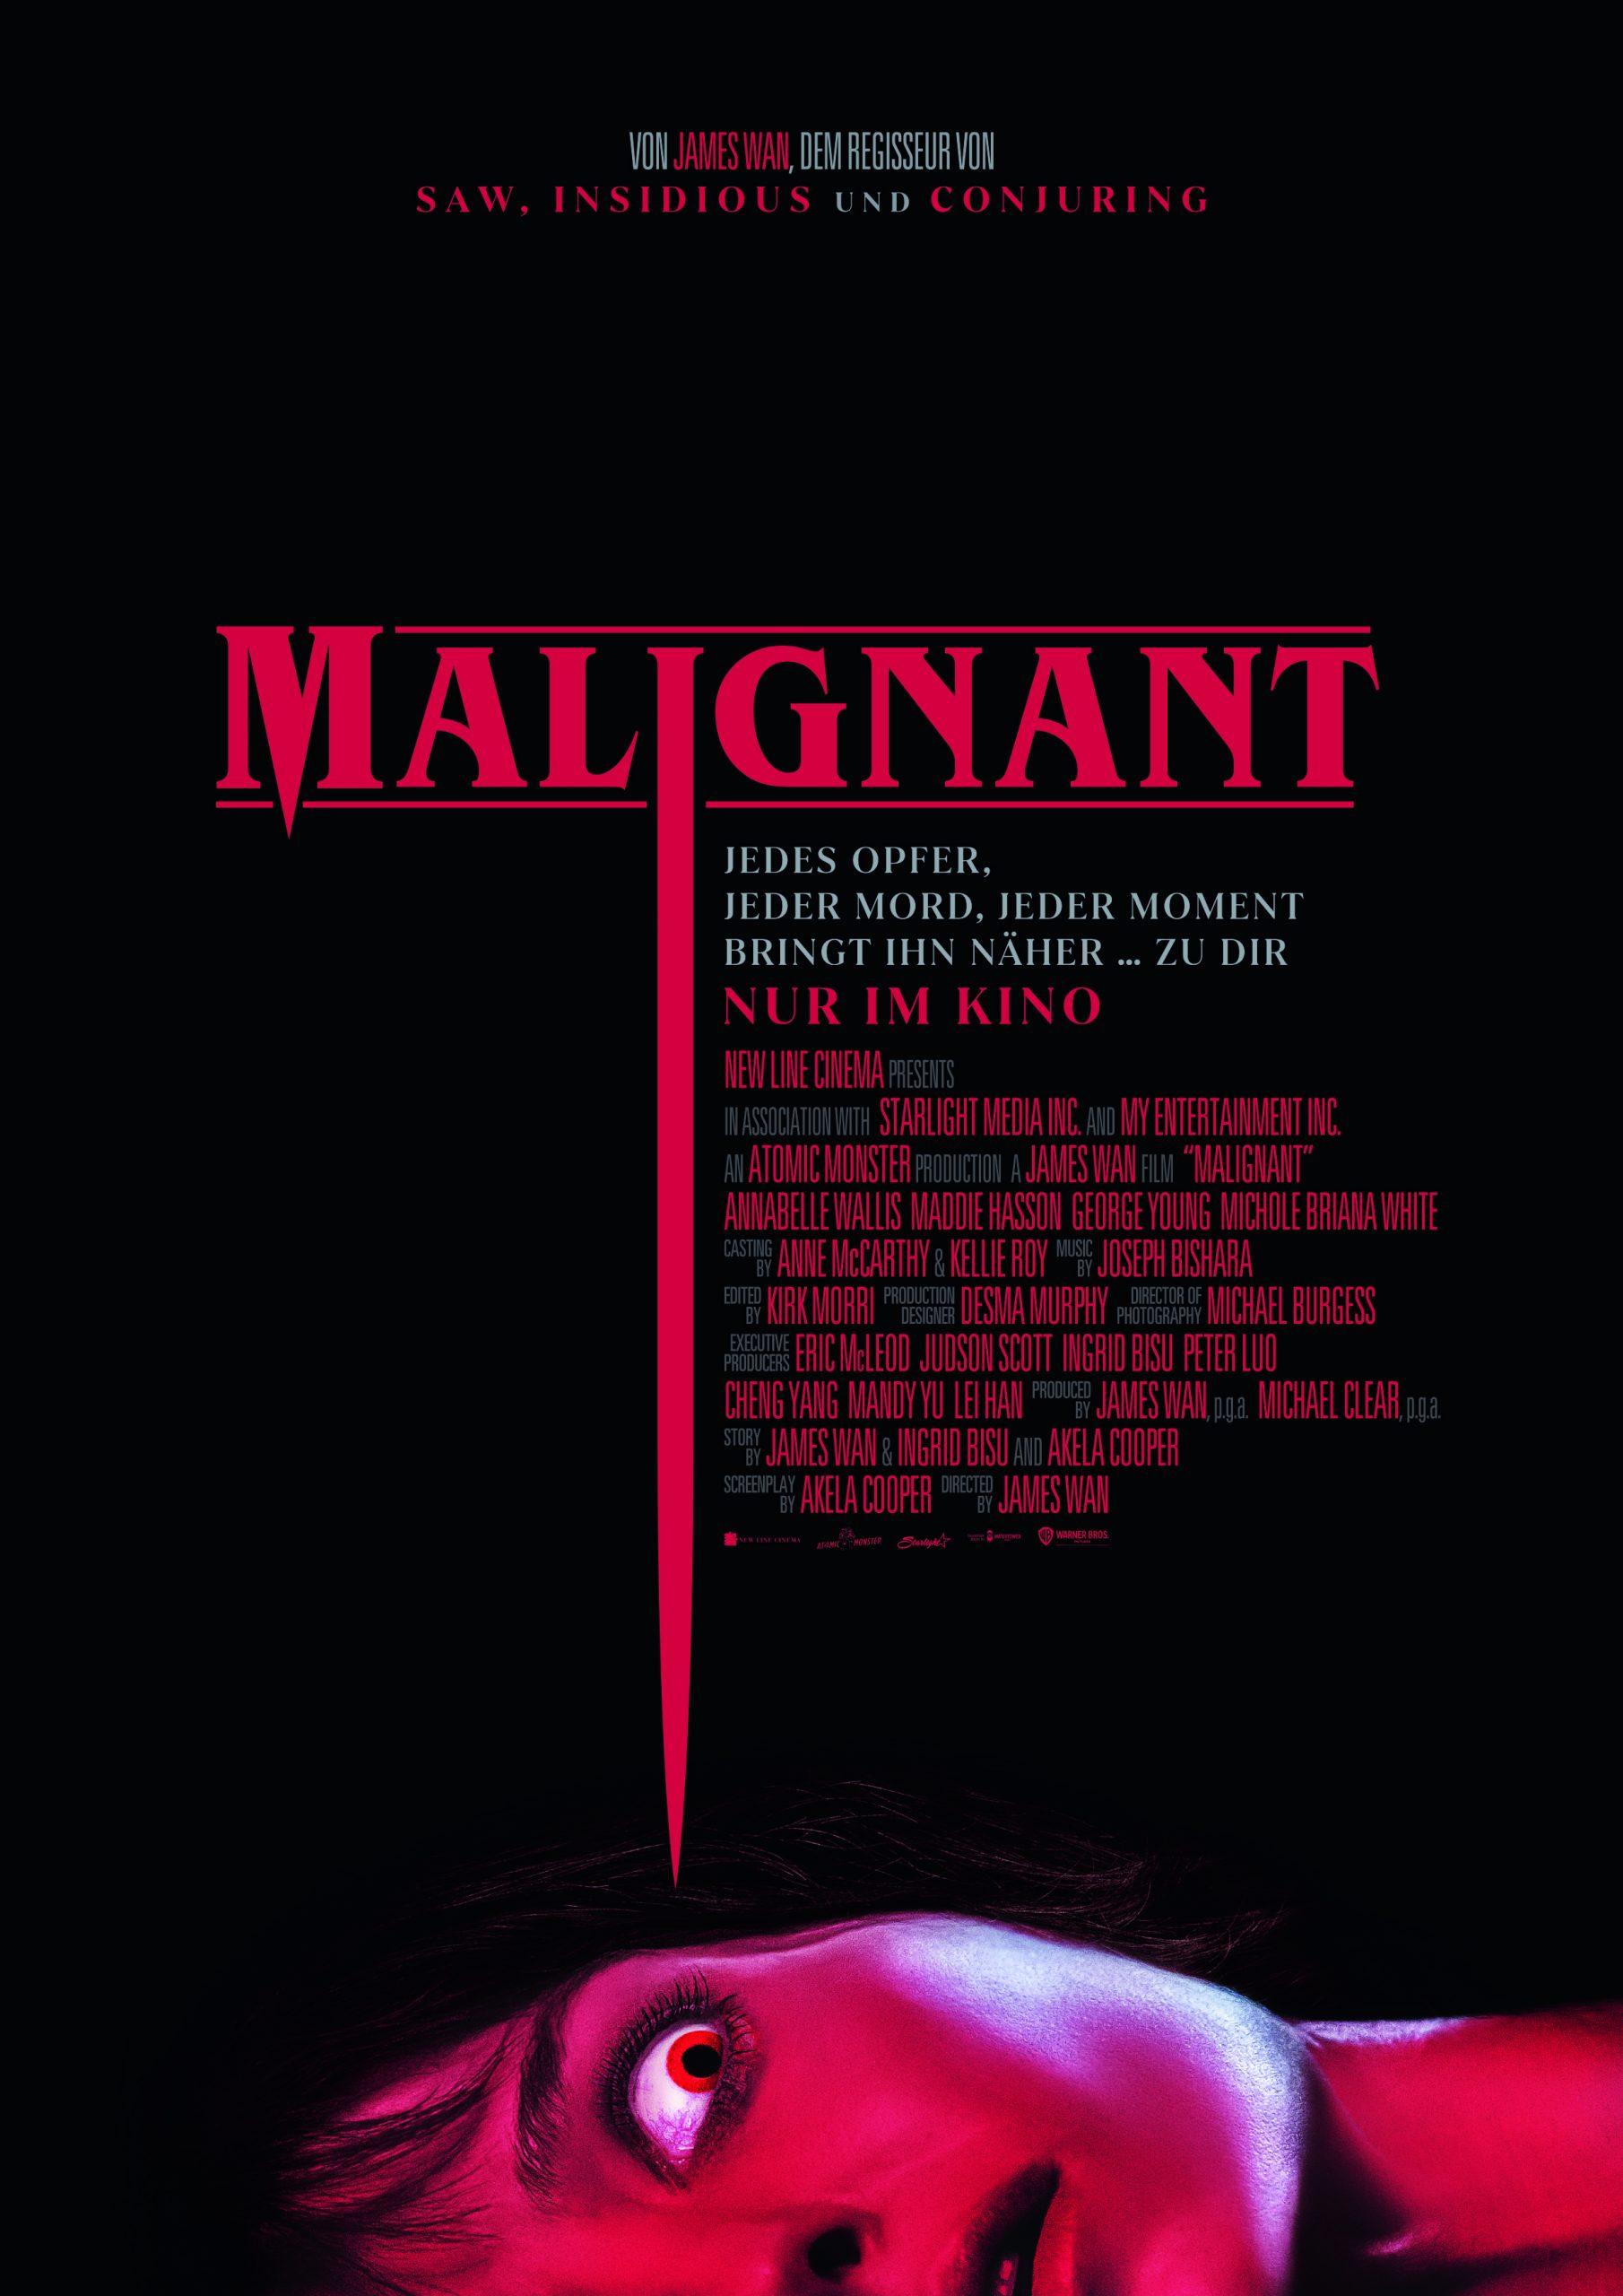 """Film Kritik: """"Malignant"""" ist ein bunter Strauß an Ideen, die nicht immer überzeugen können"""